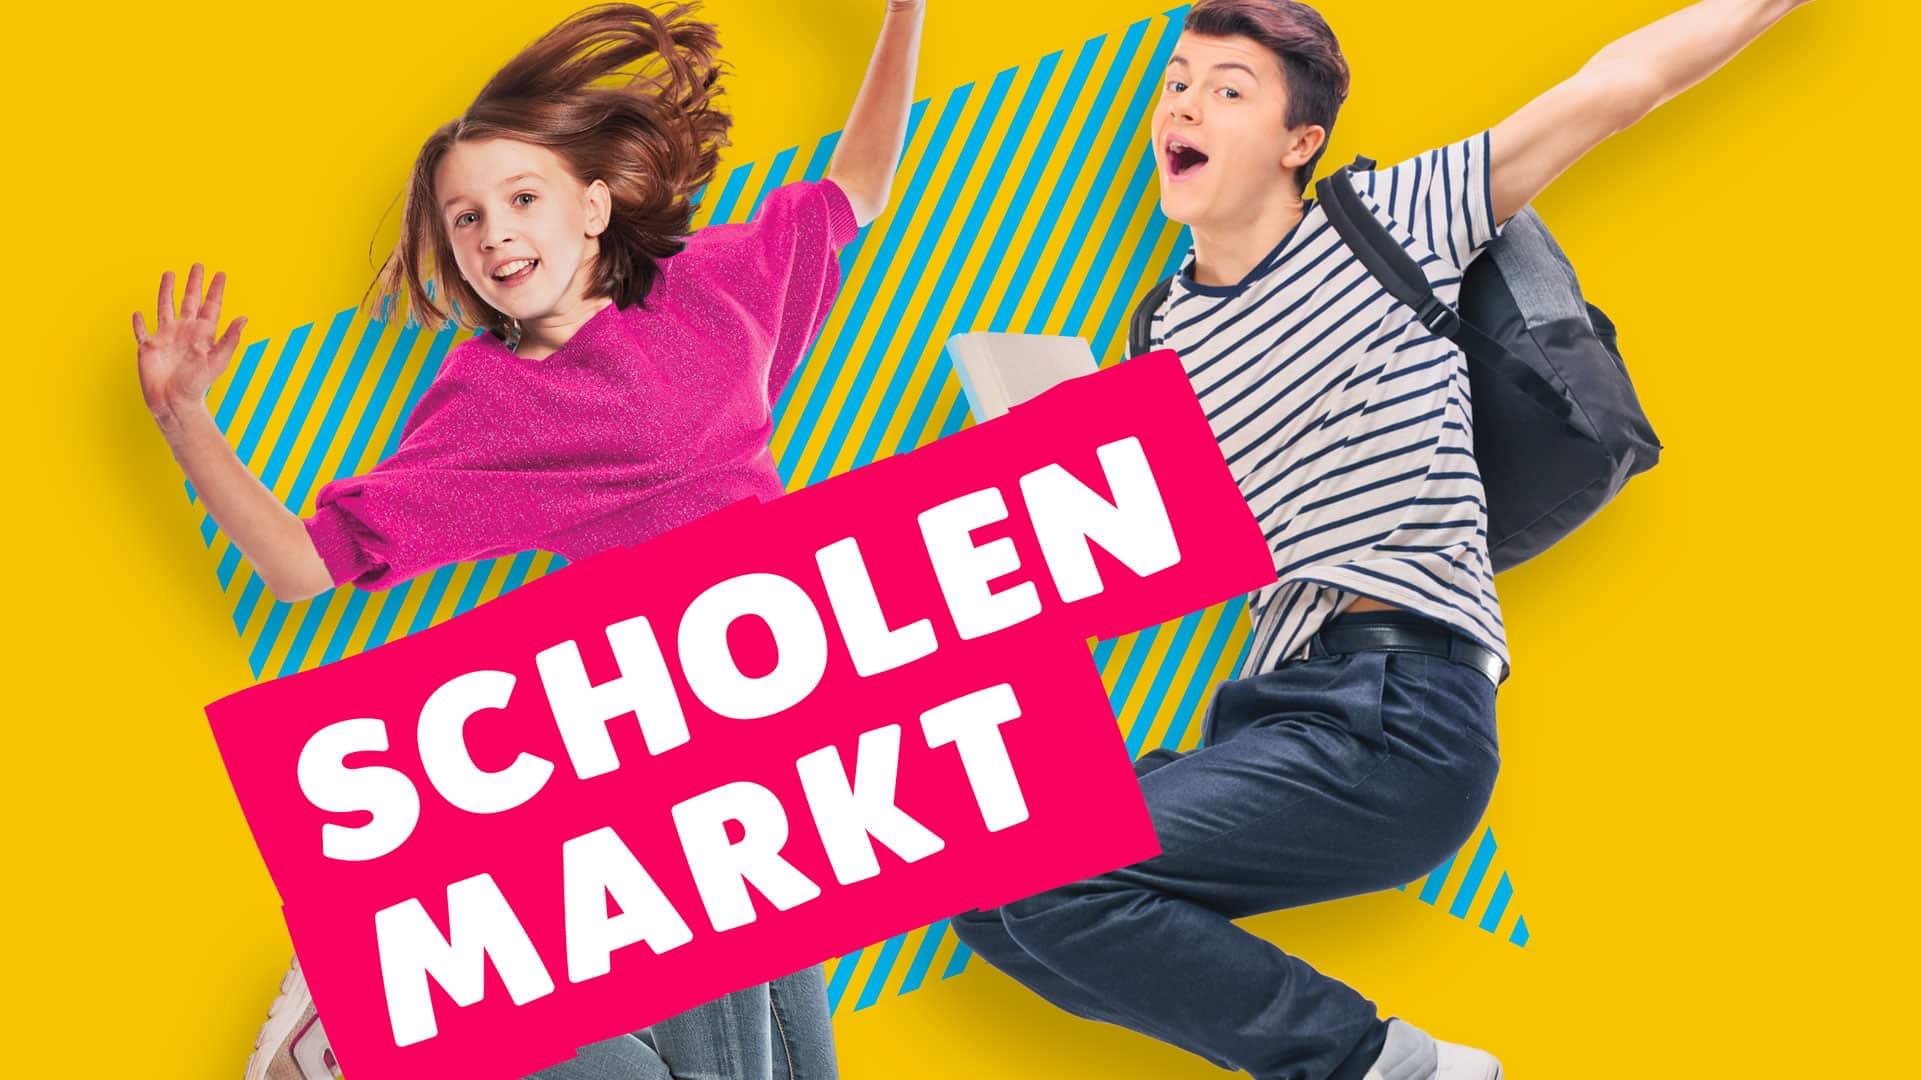 maartenscollege 8 en 9 november op scholenmarkt in de Euroborg